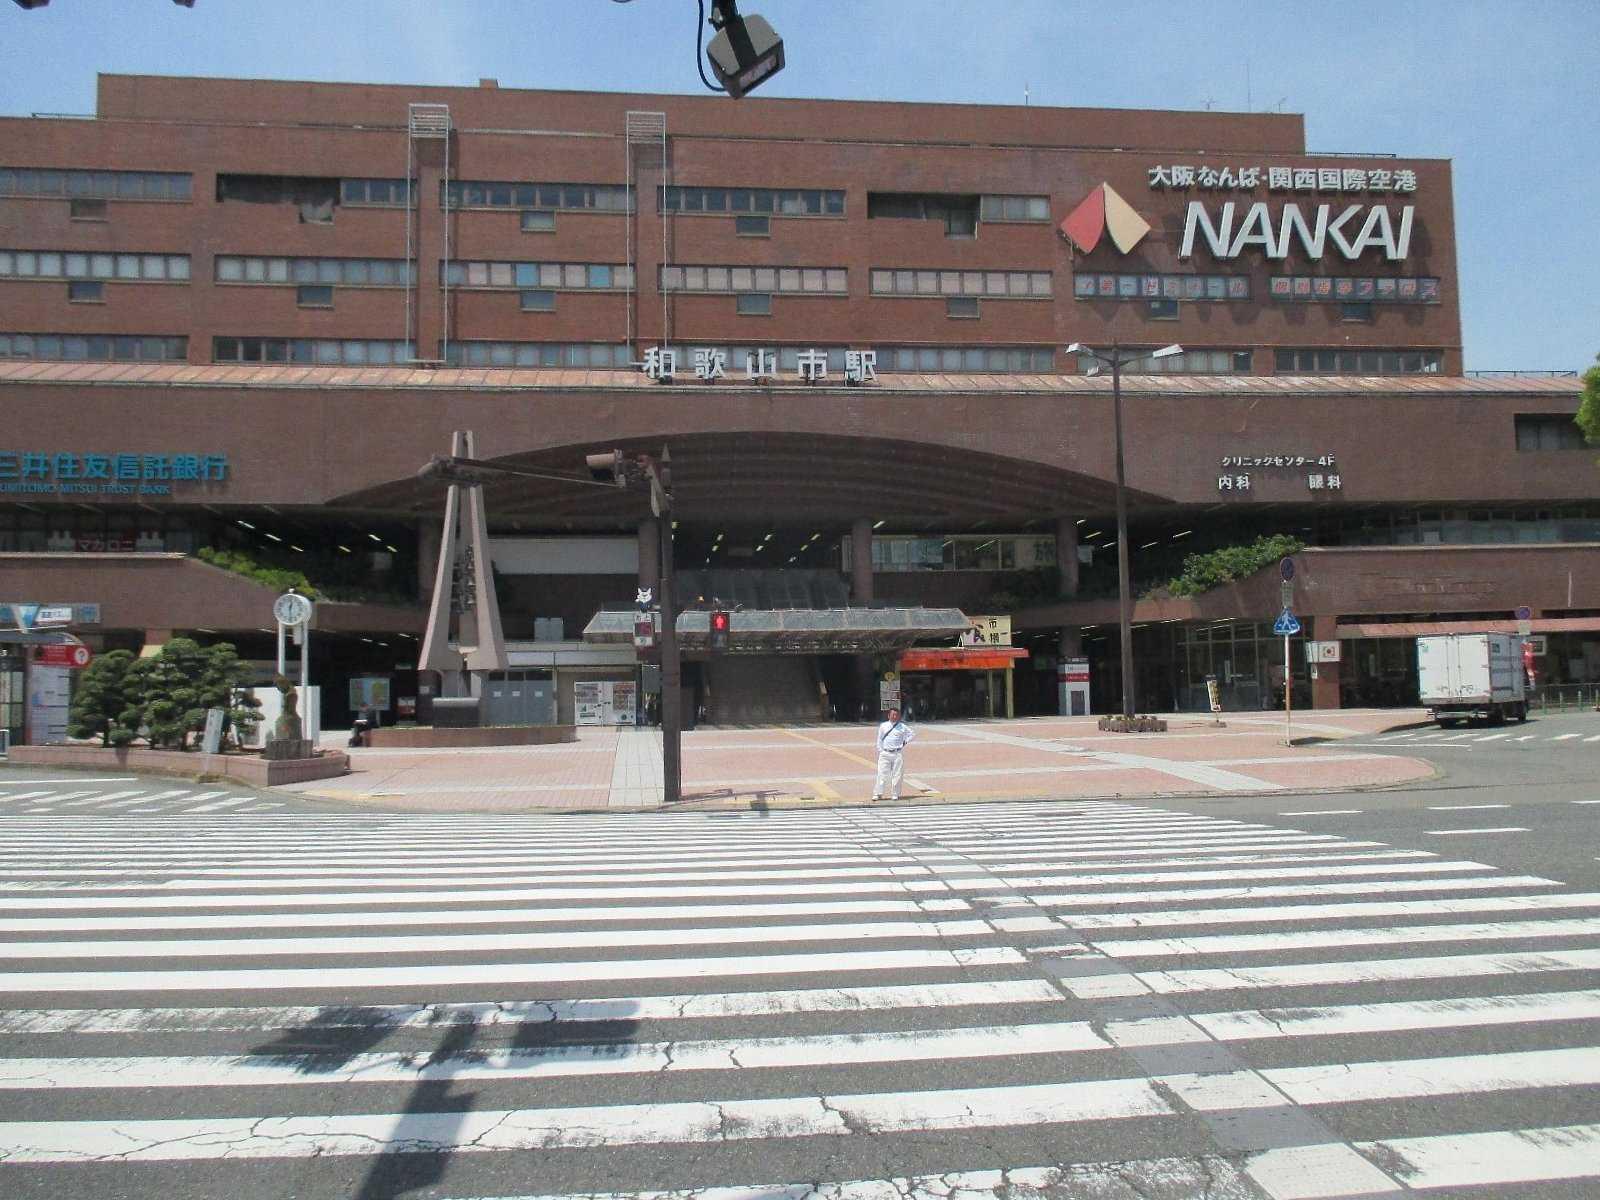 建て替えが決定した南海和歌山市駅